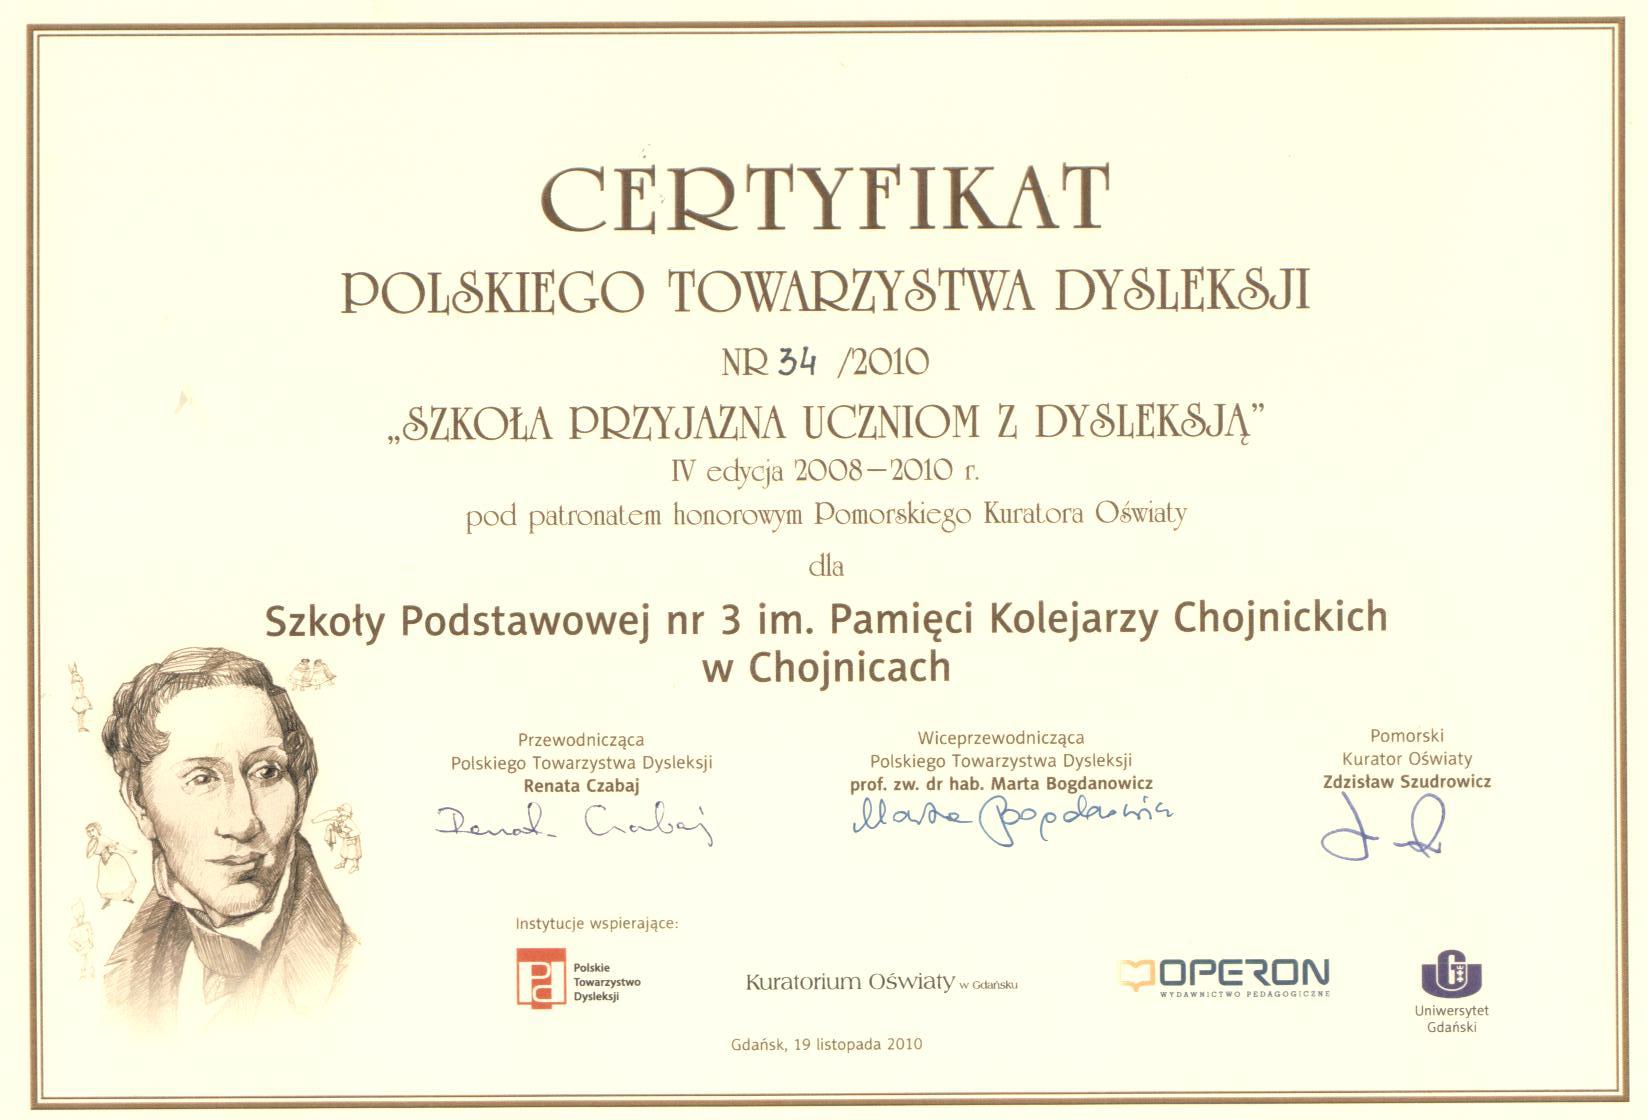 certyfikat 2010